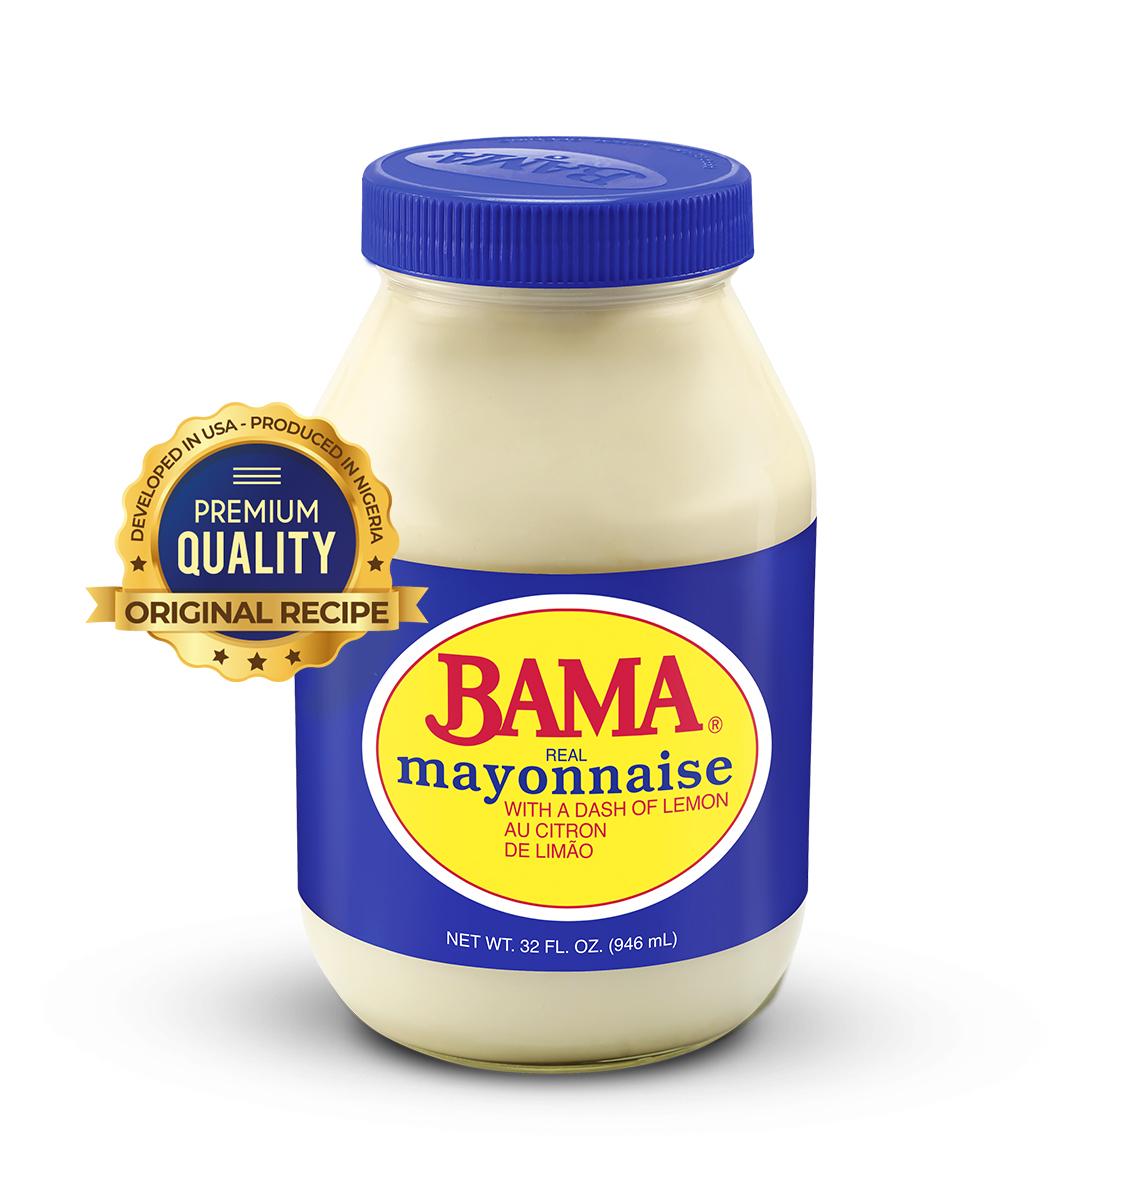 NNN: La gerencia de GBfoods, productor de mayonesa de Bama, dice que ha completado su fábrica de producción de vanguardia en Sango, Ado-Odo Ota, área del gobierno local de Ogun para mejorar la fabricación local. El director ejecutivo de GBfoods Africa, Sr. Vicenç Bosch, dijo a los periodistas el miércoles que la compañía había desarrollado […]